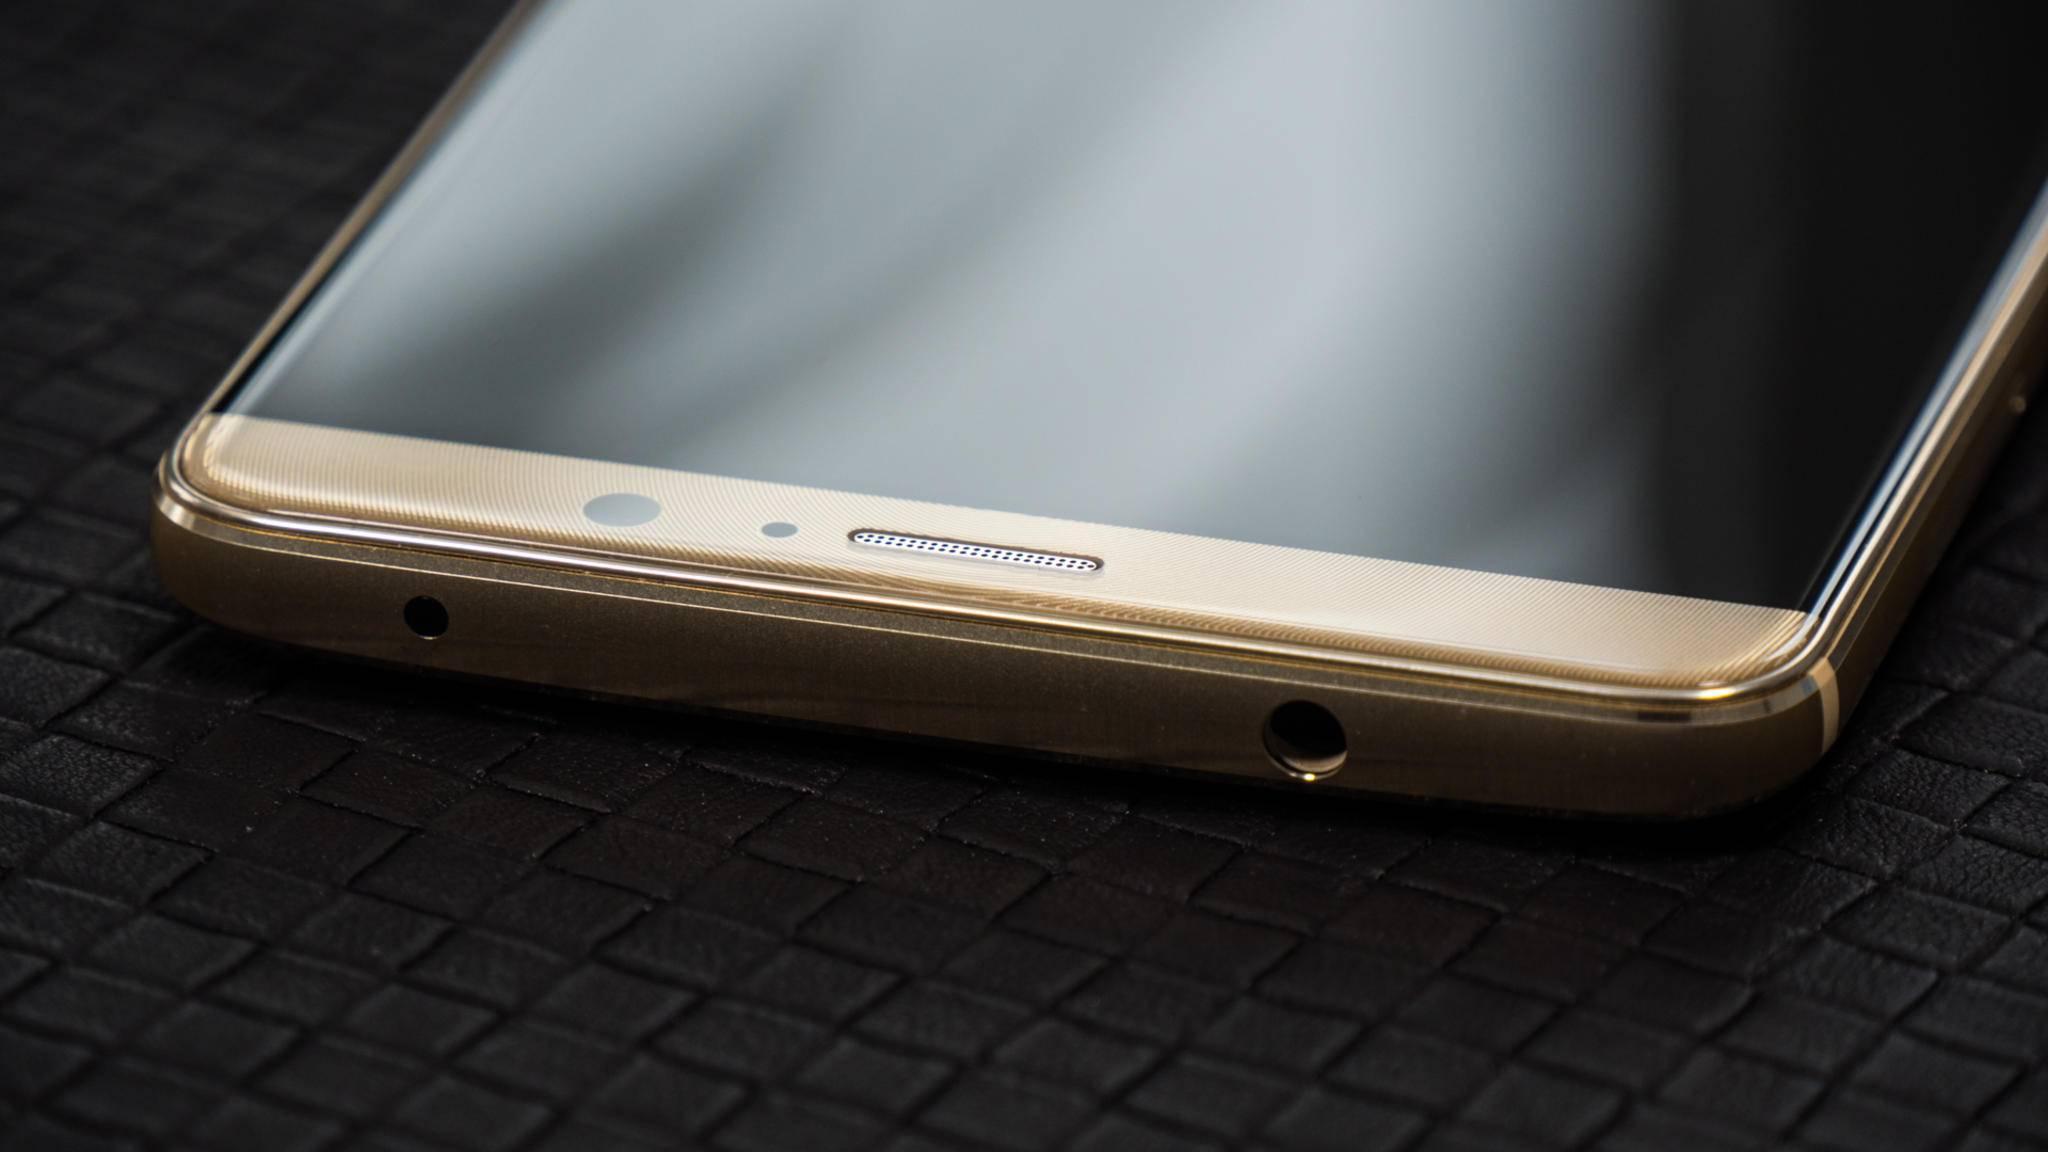 Das Huawei Mate 10 wird im Gegensatz zum Vorgänger wohl ein fast randloses 18:9-Display mitbringen.